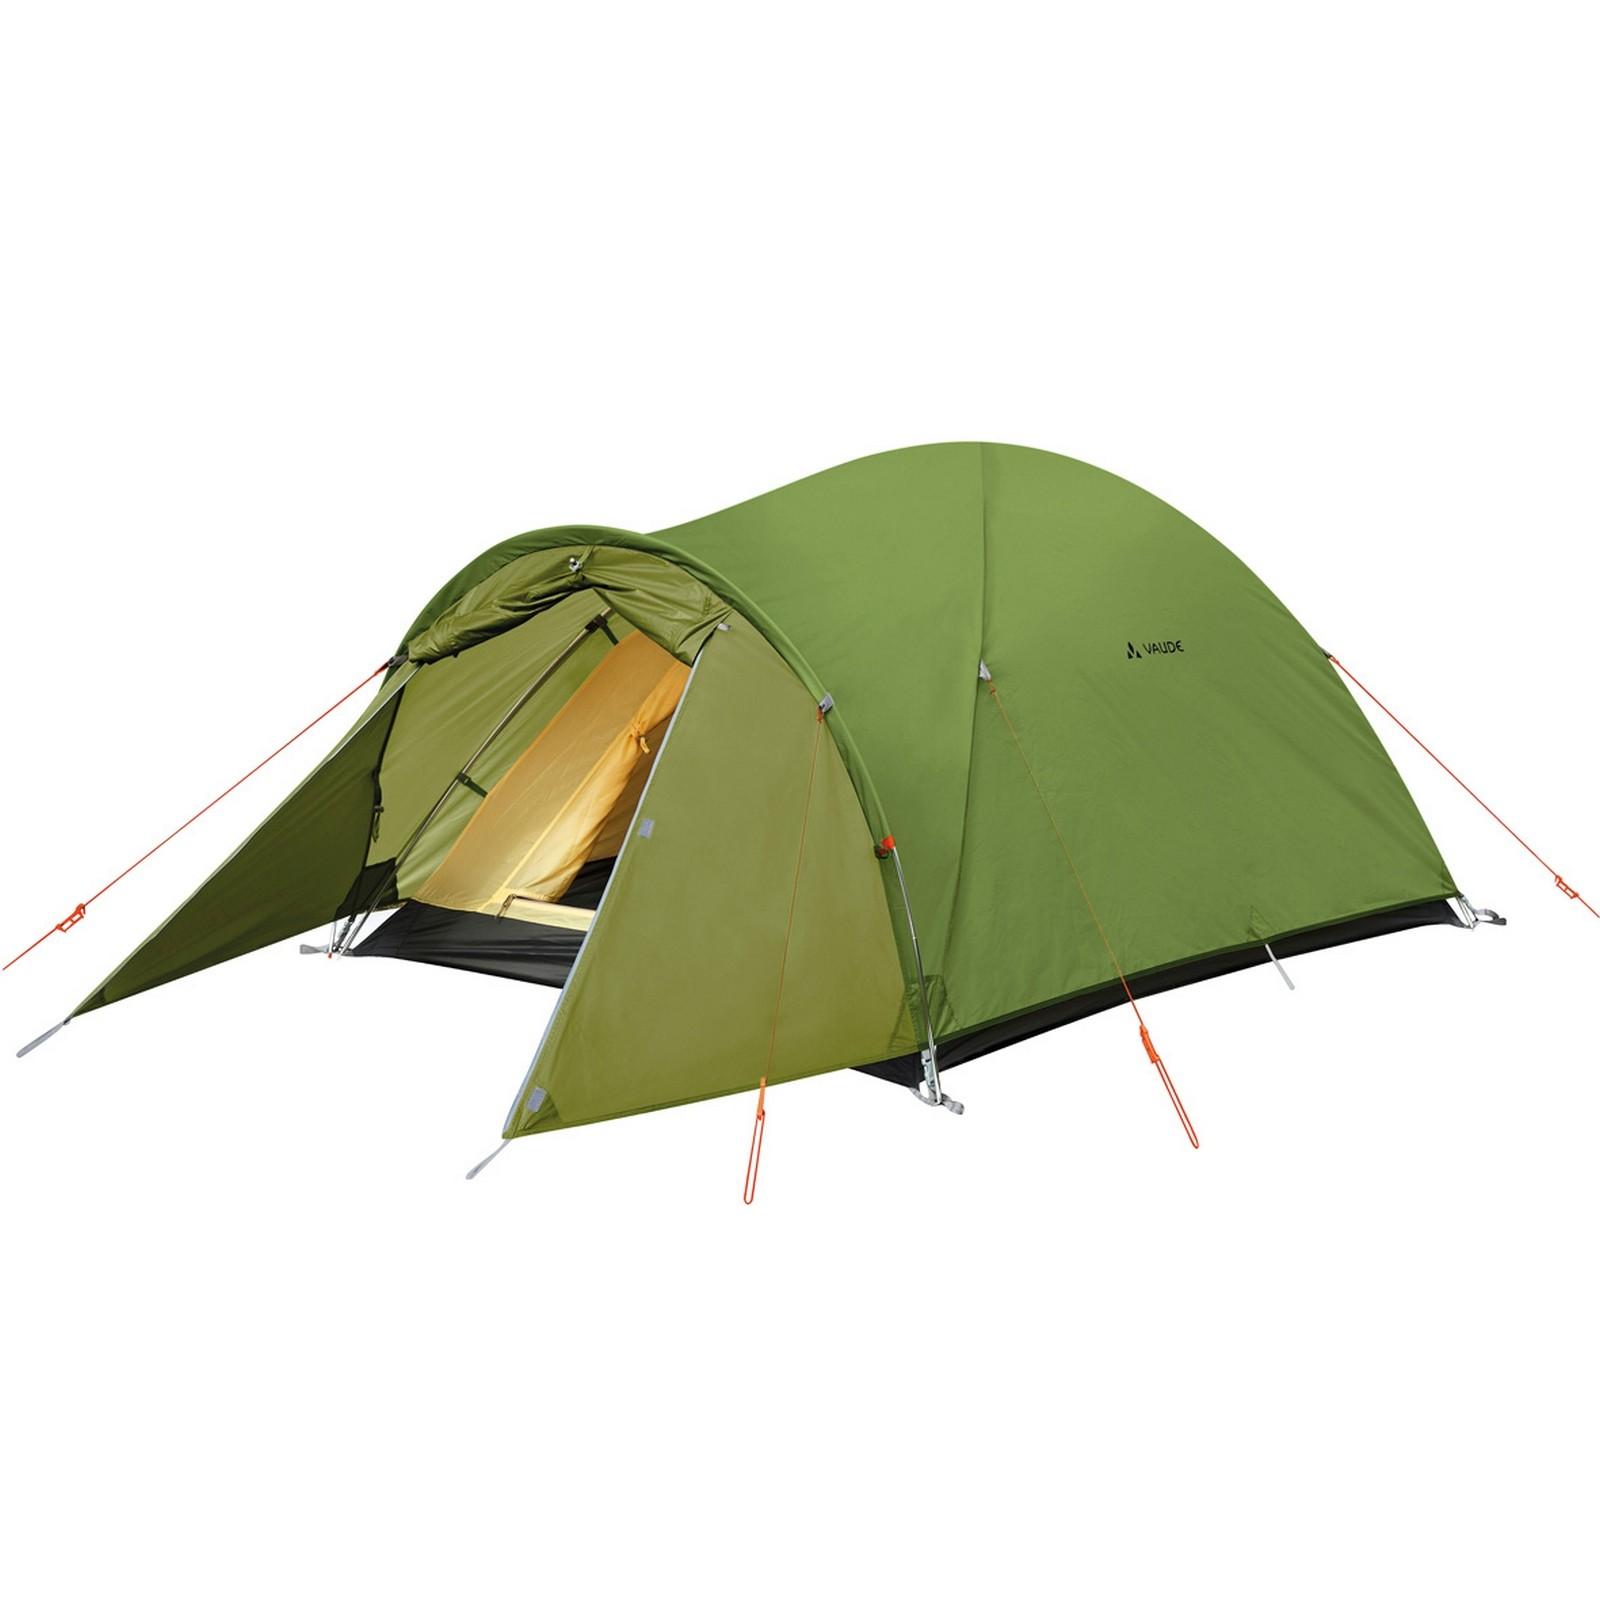 Zelt Für Zwei Personen Leicht : Zelt campo compact xt p von vaude camping trekking zelten